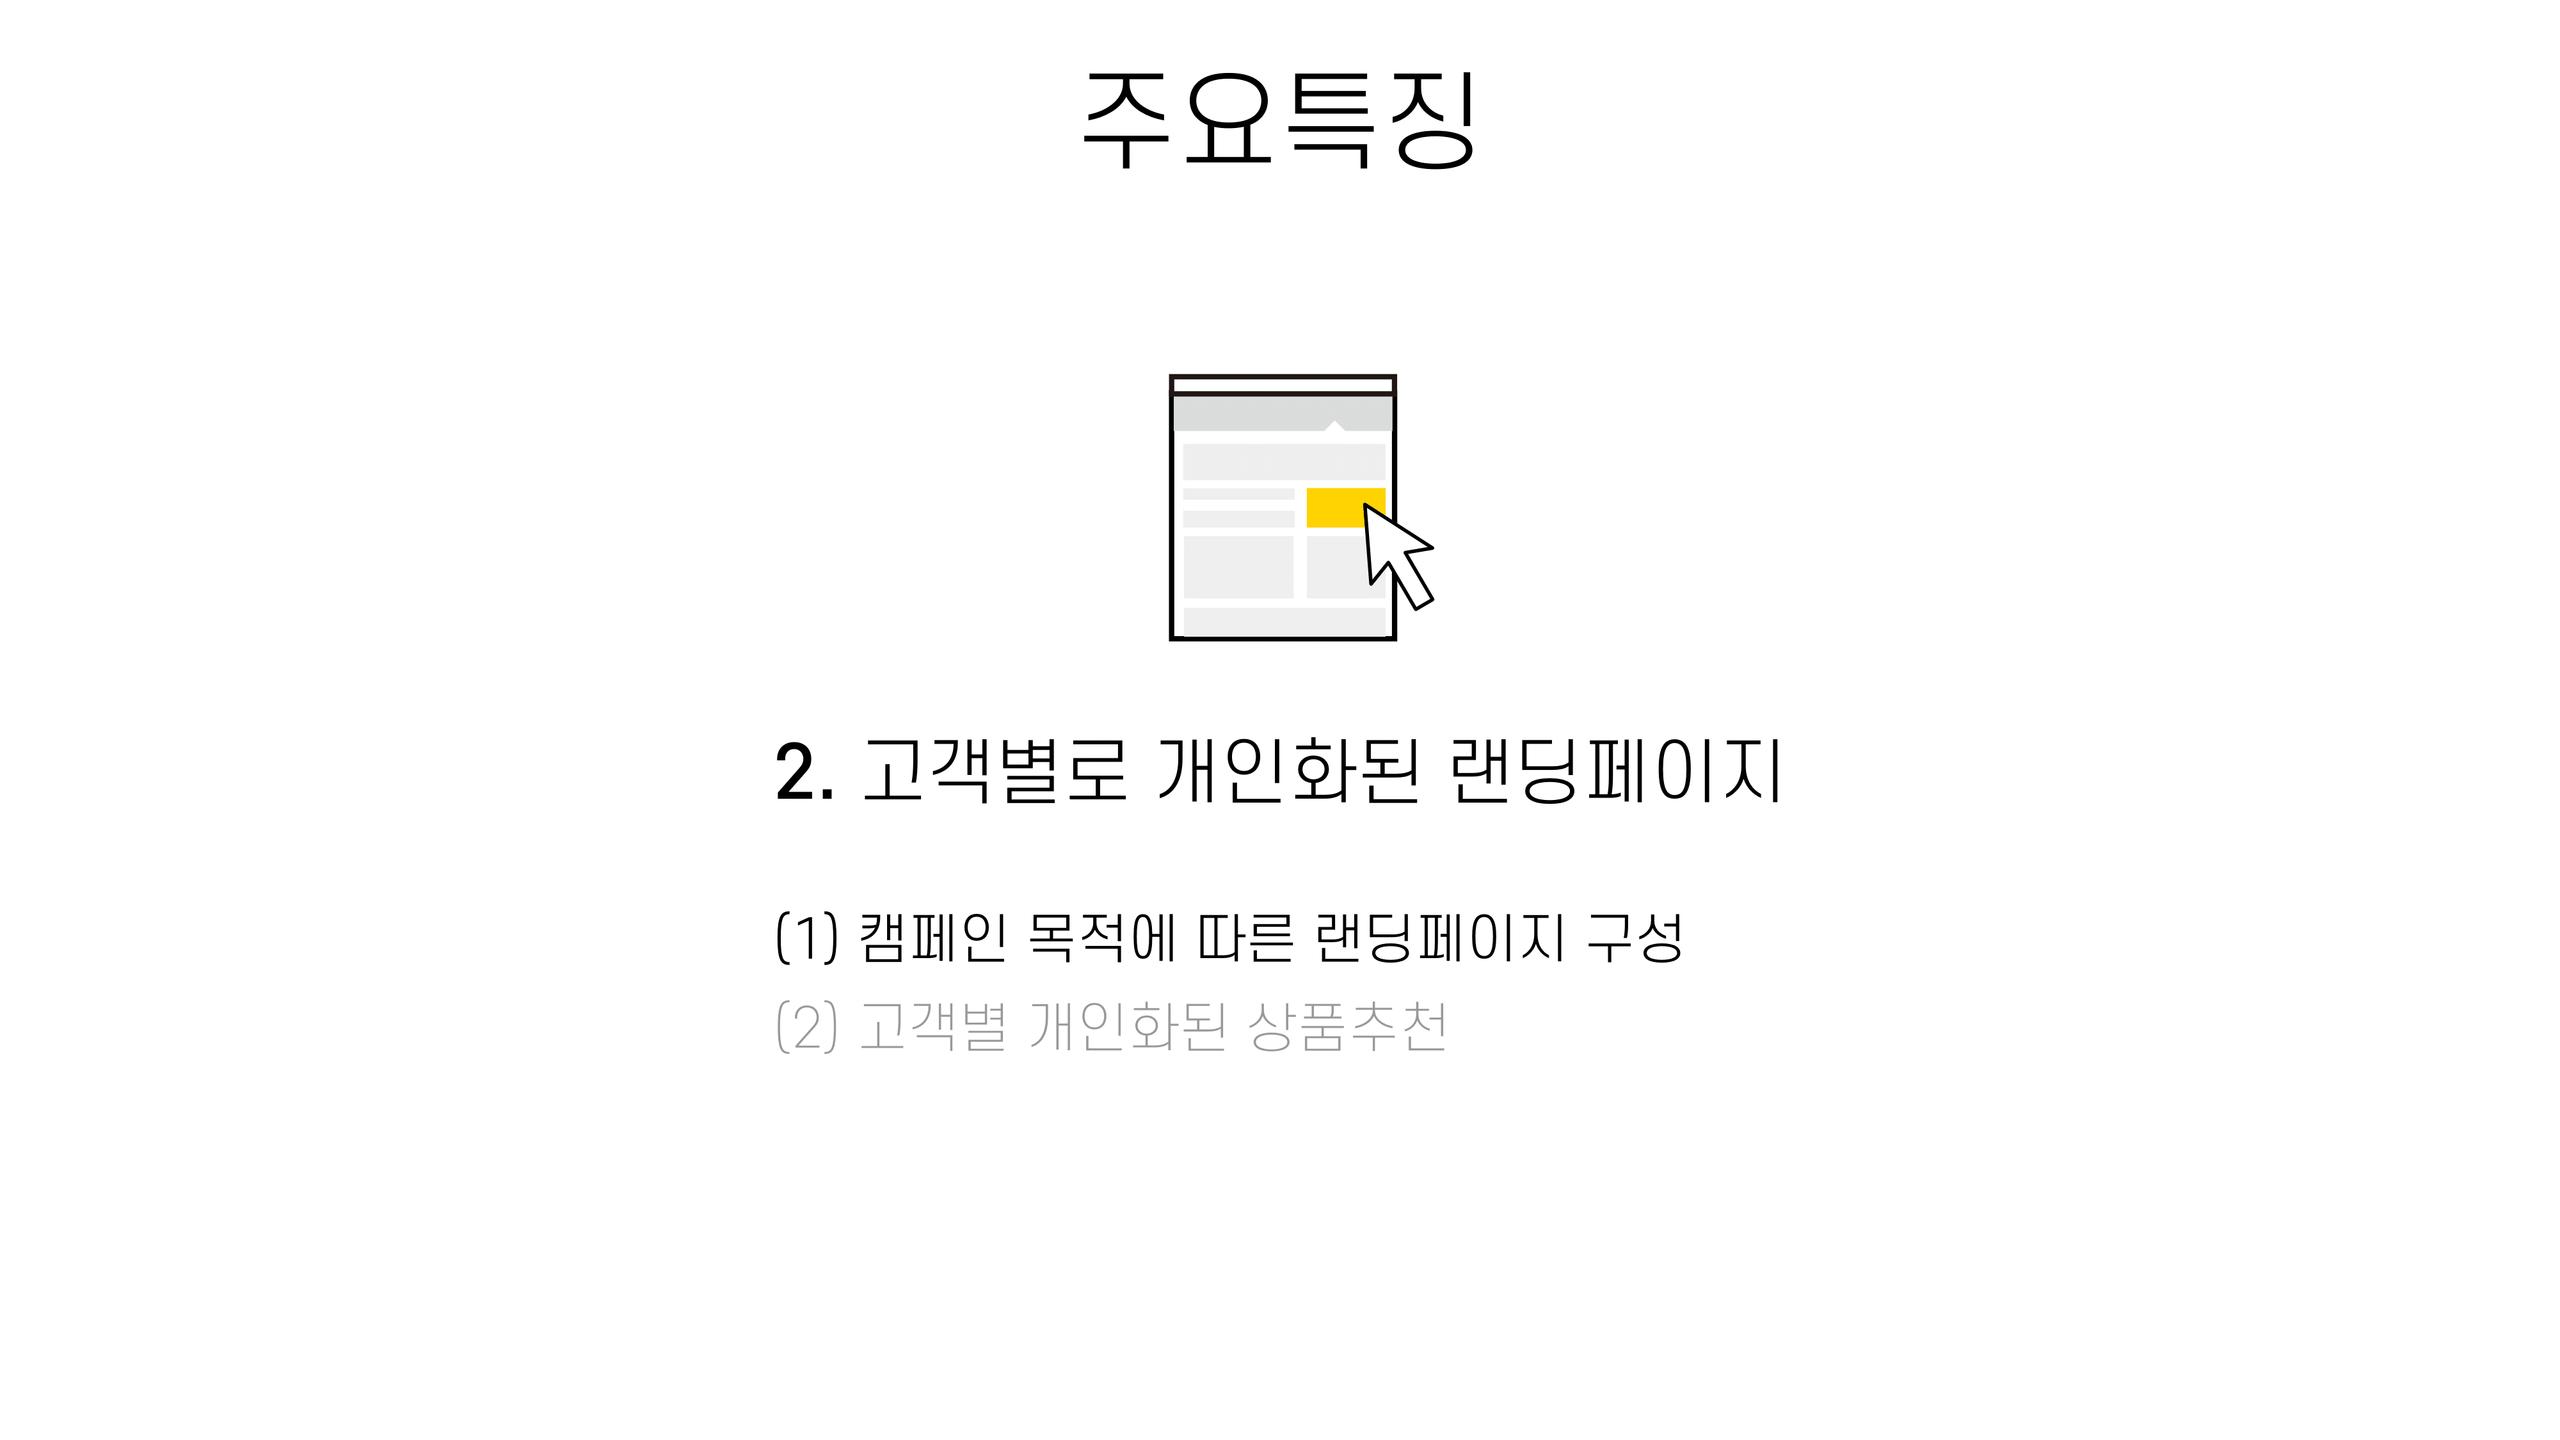 [CREMA] 크리마 타겟 서비스 소개서-09